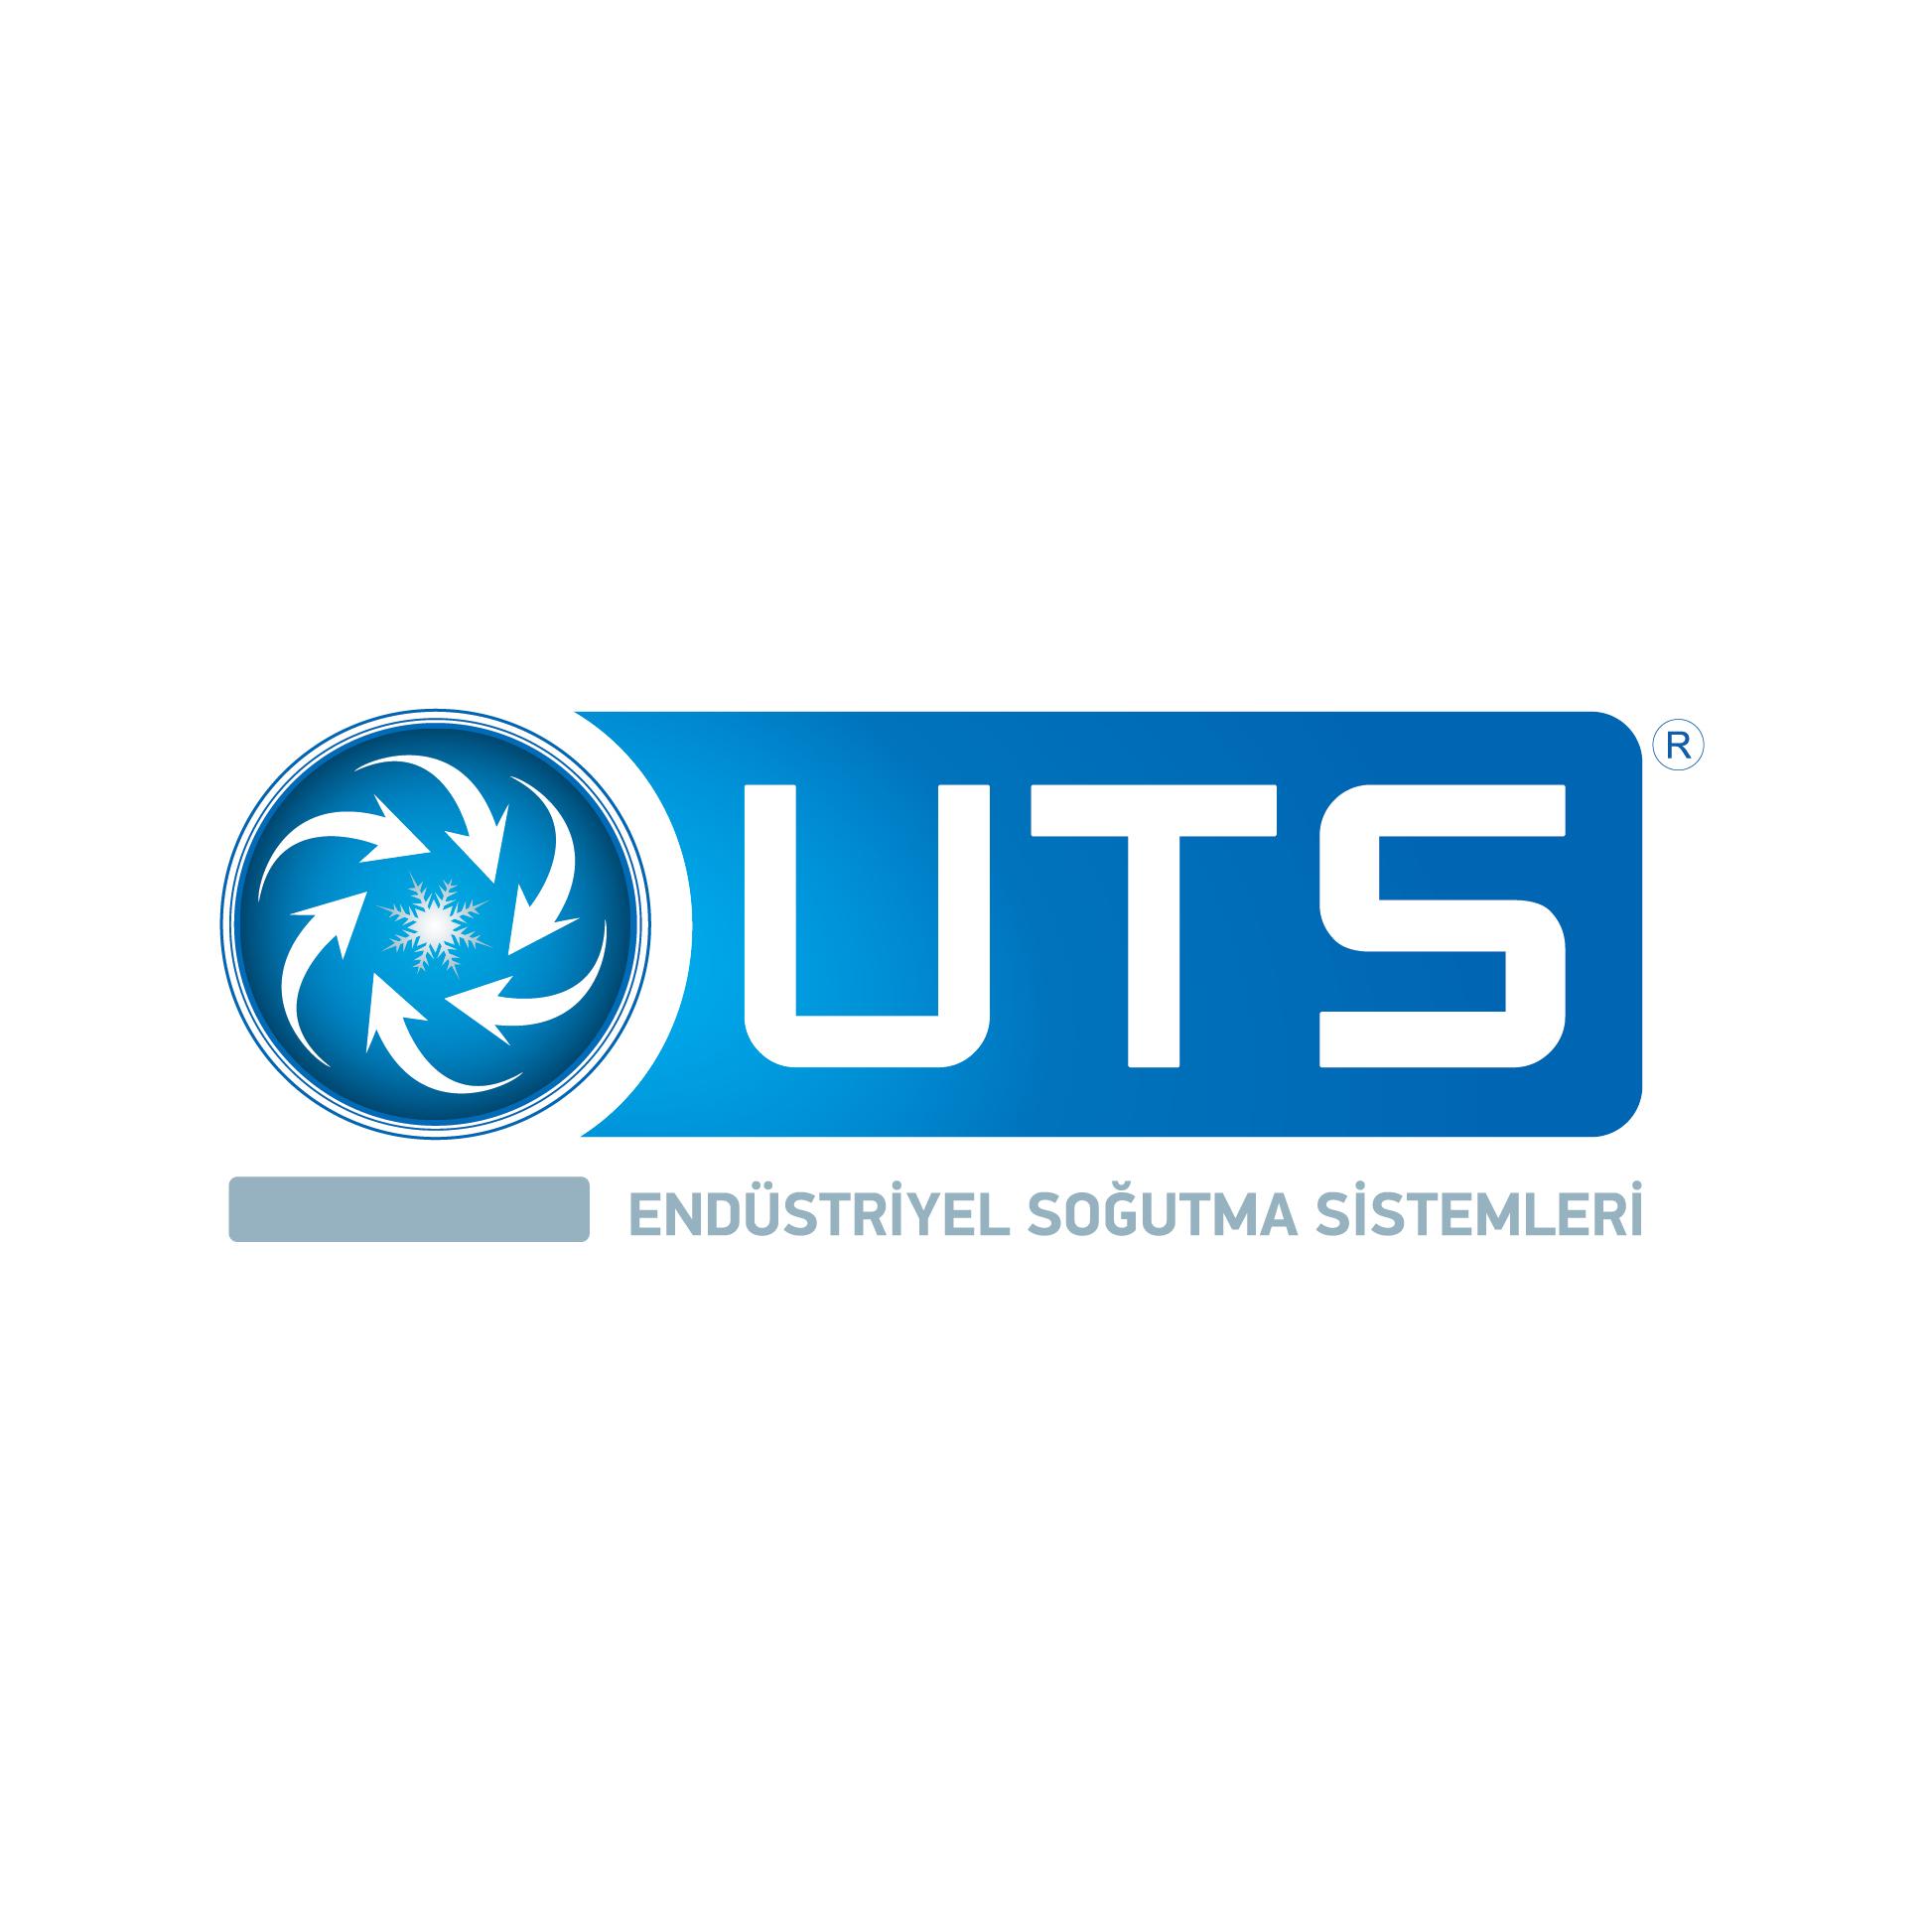 Uts Endüstriyel Soğutma Sistemleri San. ve Tic. Ltd. Şti.